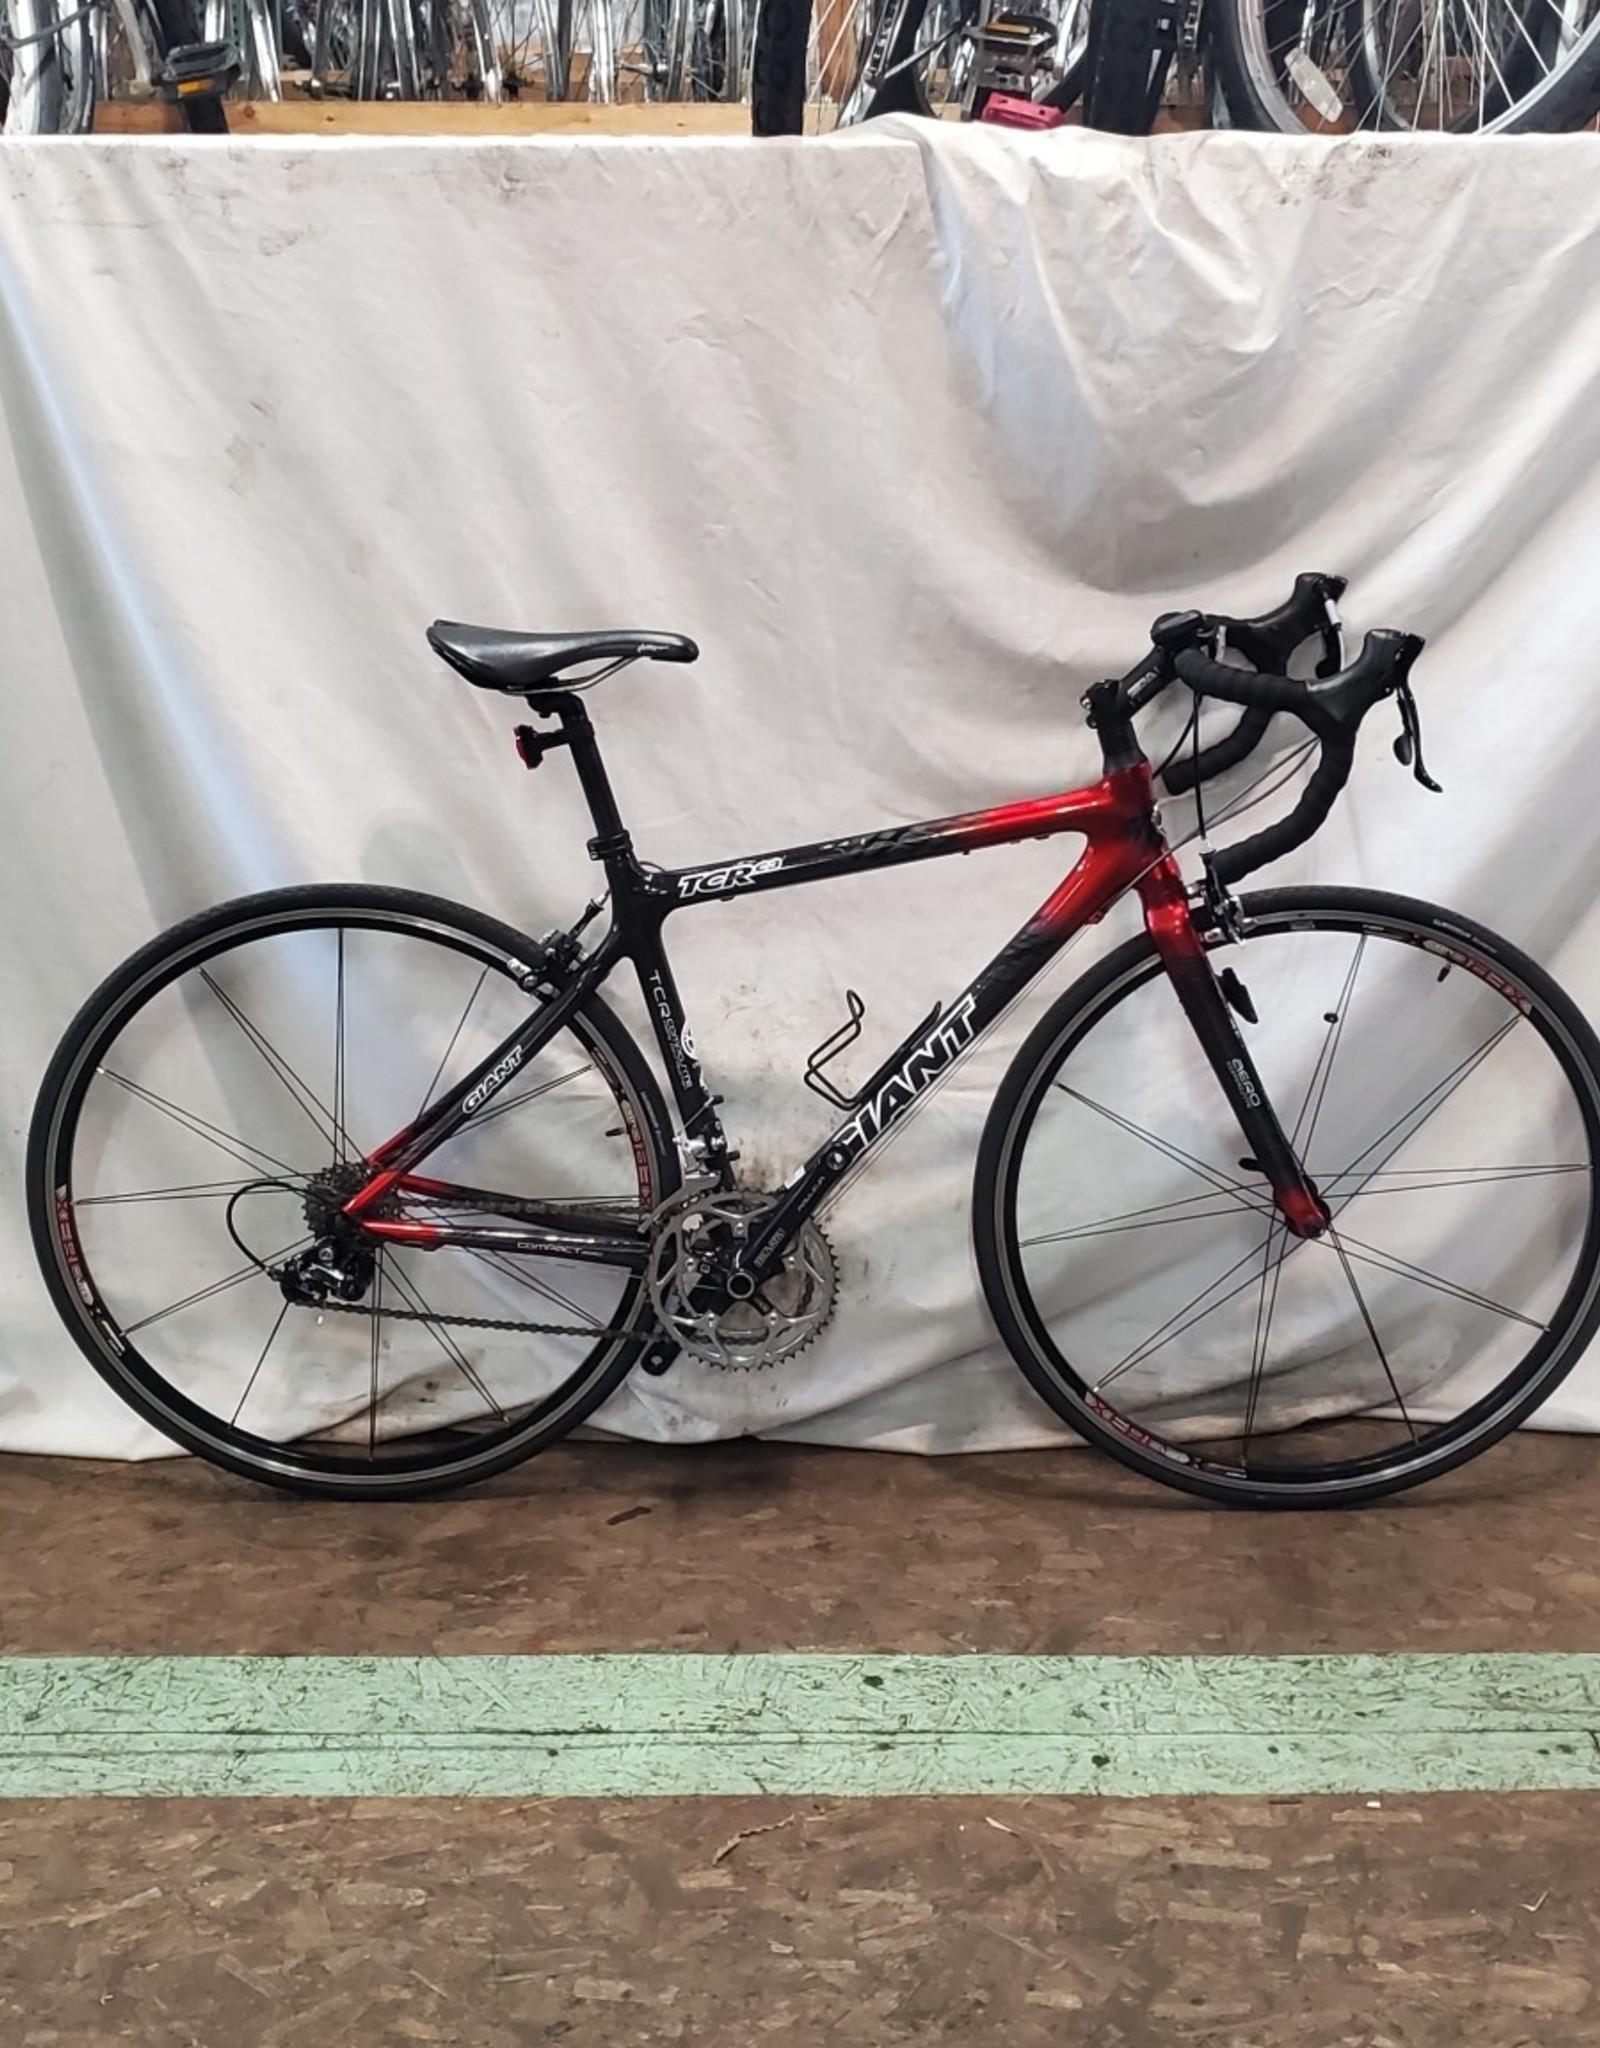 48cm Giant TCR C2 (B553 SFR)